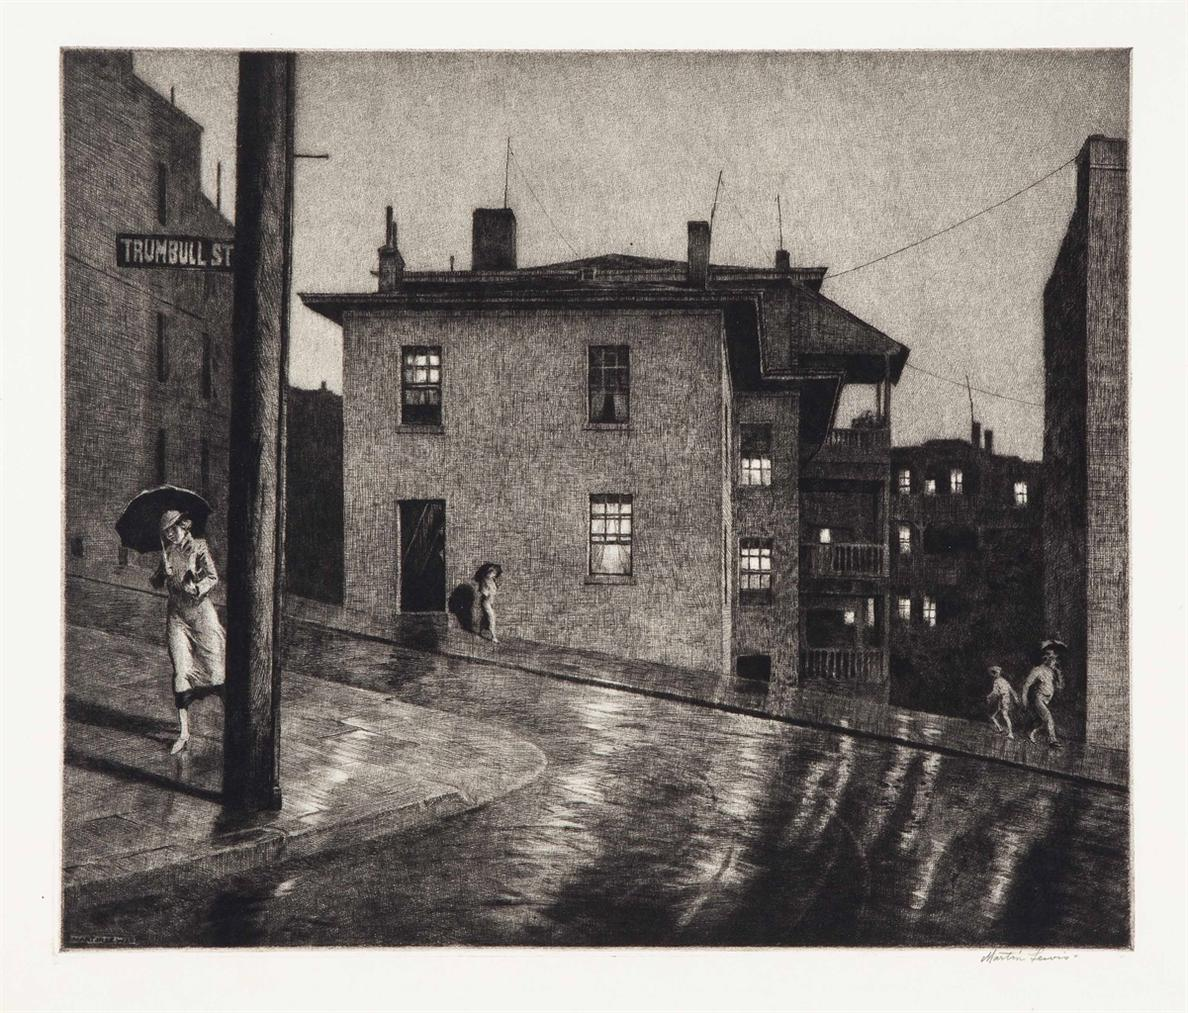 Martin Lewis-Trumbull Street-1934